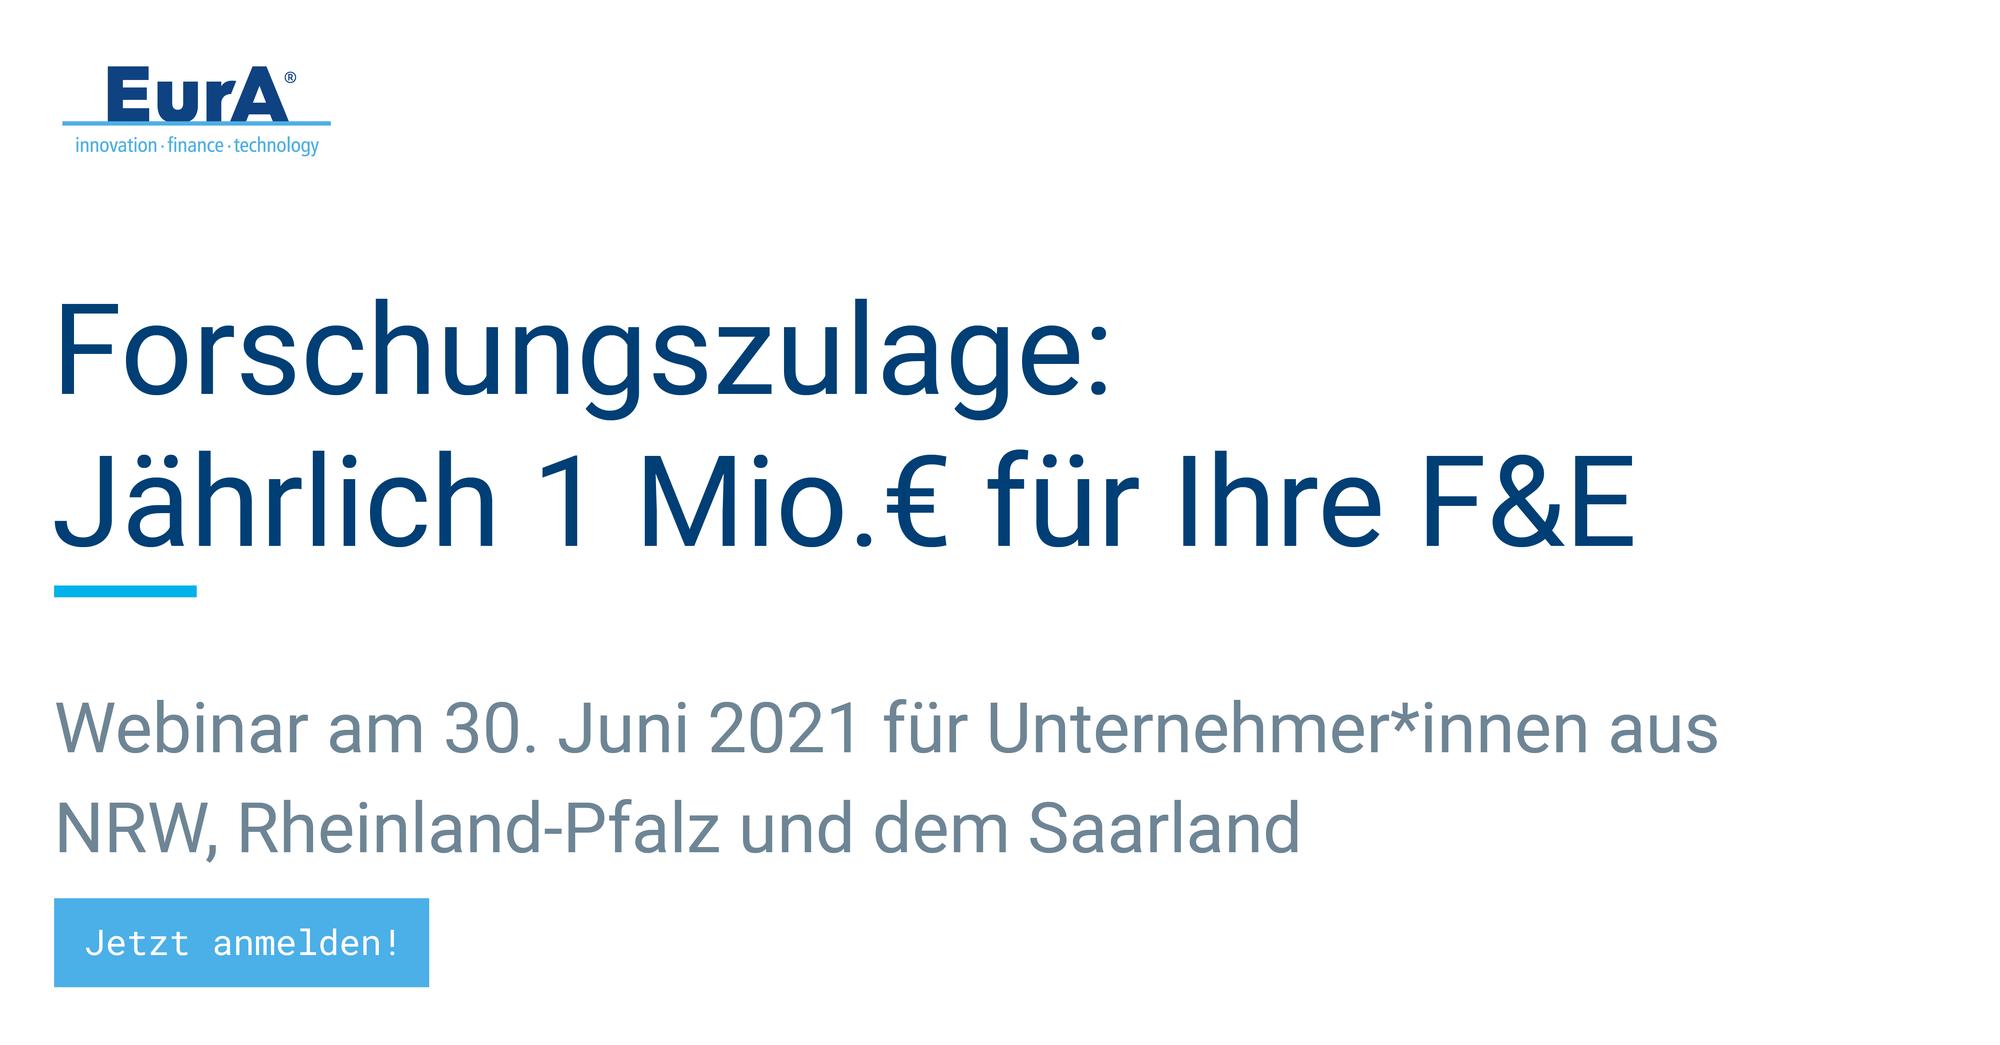 Webinar zur Forschungszulage: Bis 1 Mio. € jährlich für Ihre F&E-Maßnahmen